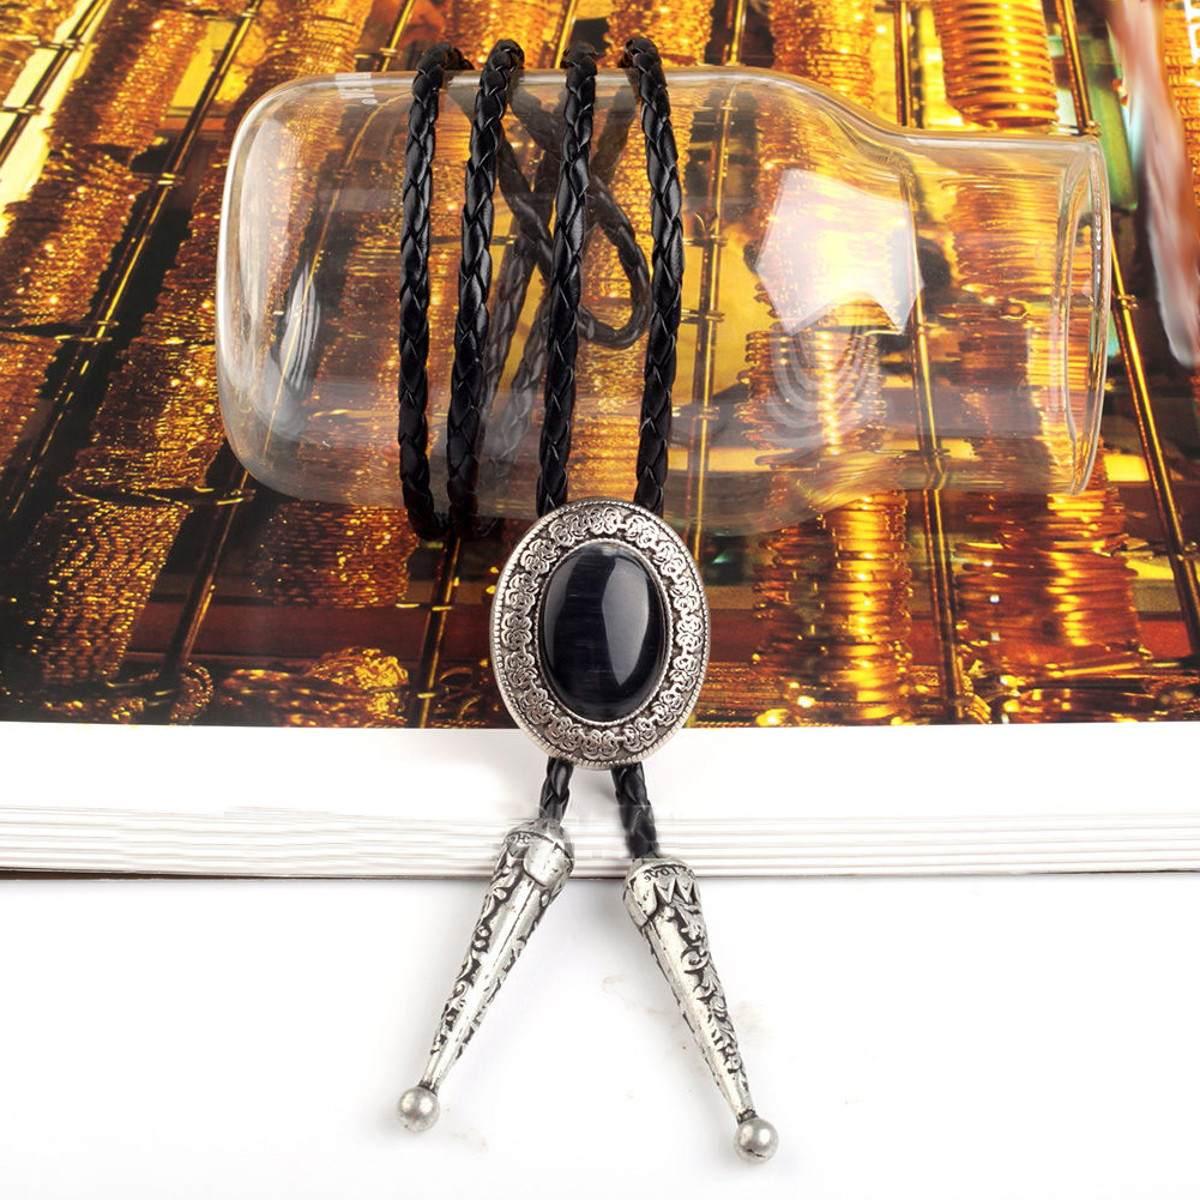 2019 Mode Männer Bolo Krawatte, Westlichen Rodeo Cowboy Krawatten Lariat Bola Halskette Vintage Natürliche Stein Chocker Pu Leder Krawatte Männer Liebhaber Geschenk